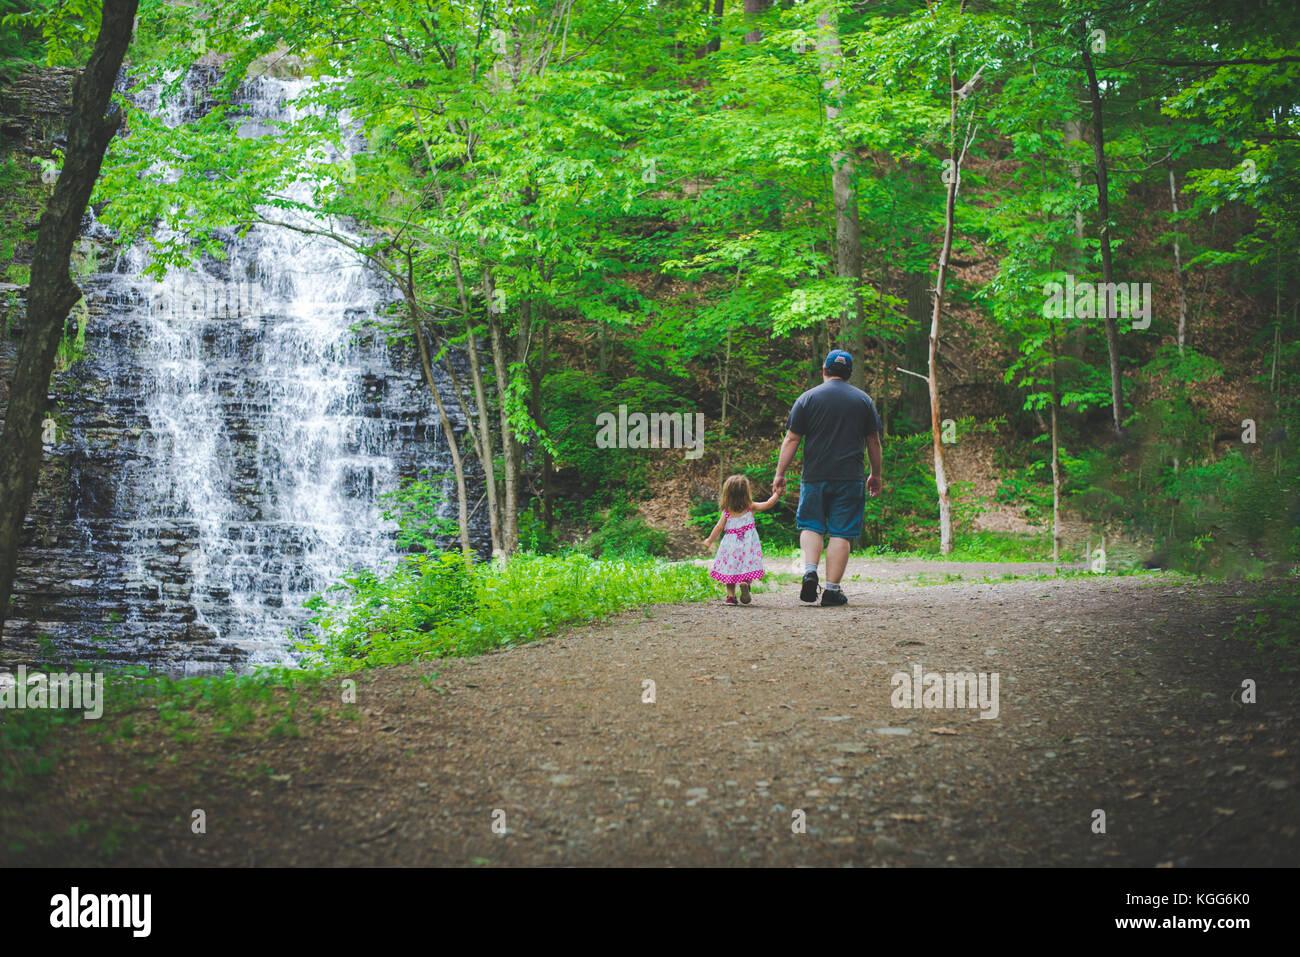 Un bambino cammina mano nella mano con il suo padre lungo un percorso di legno Immagini Stock